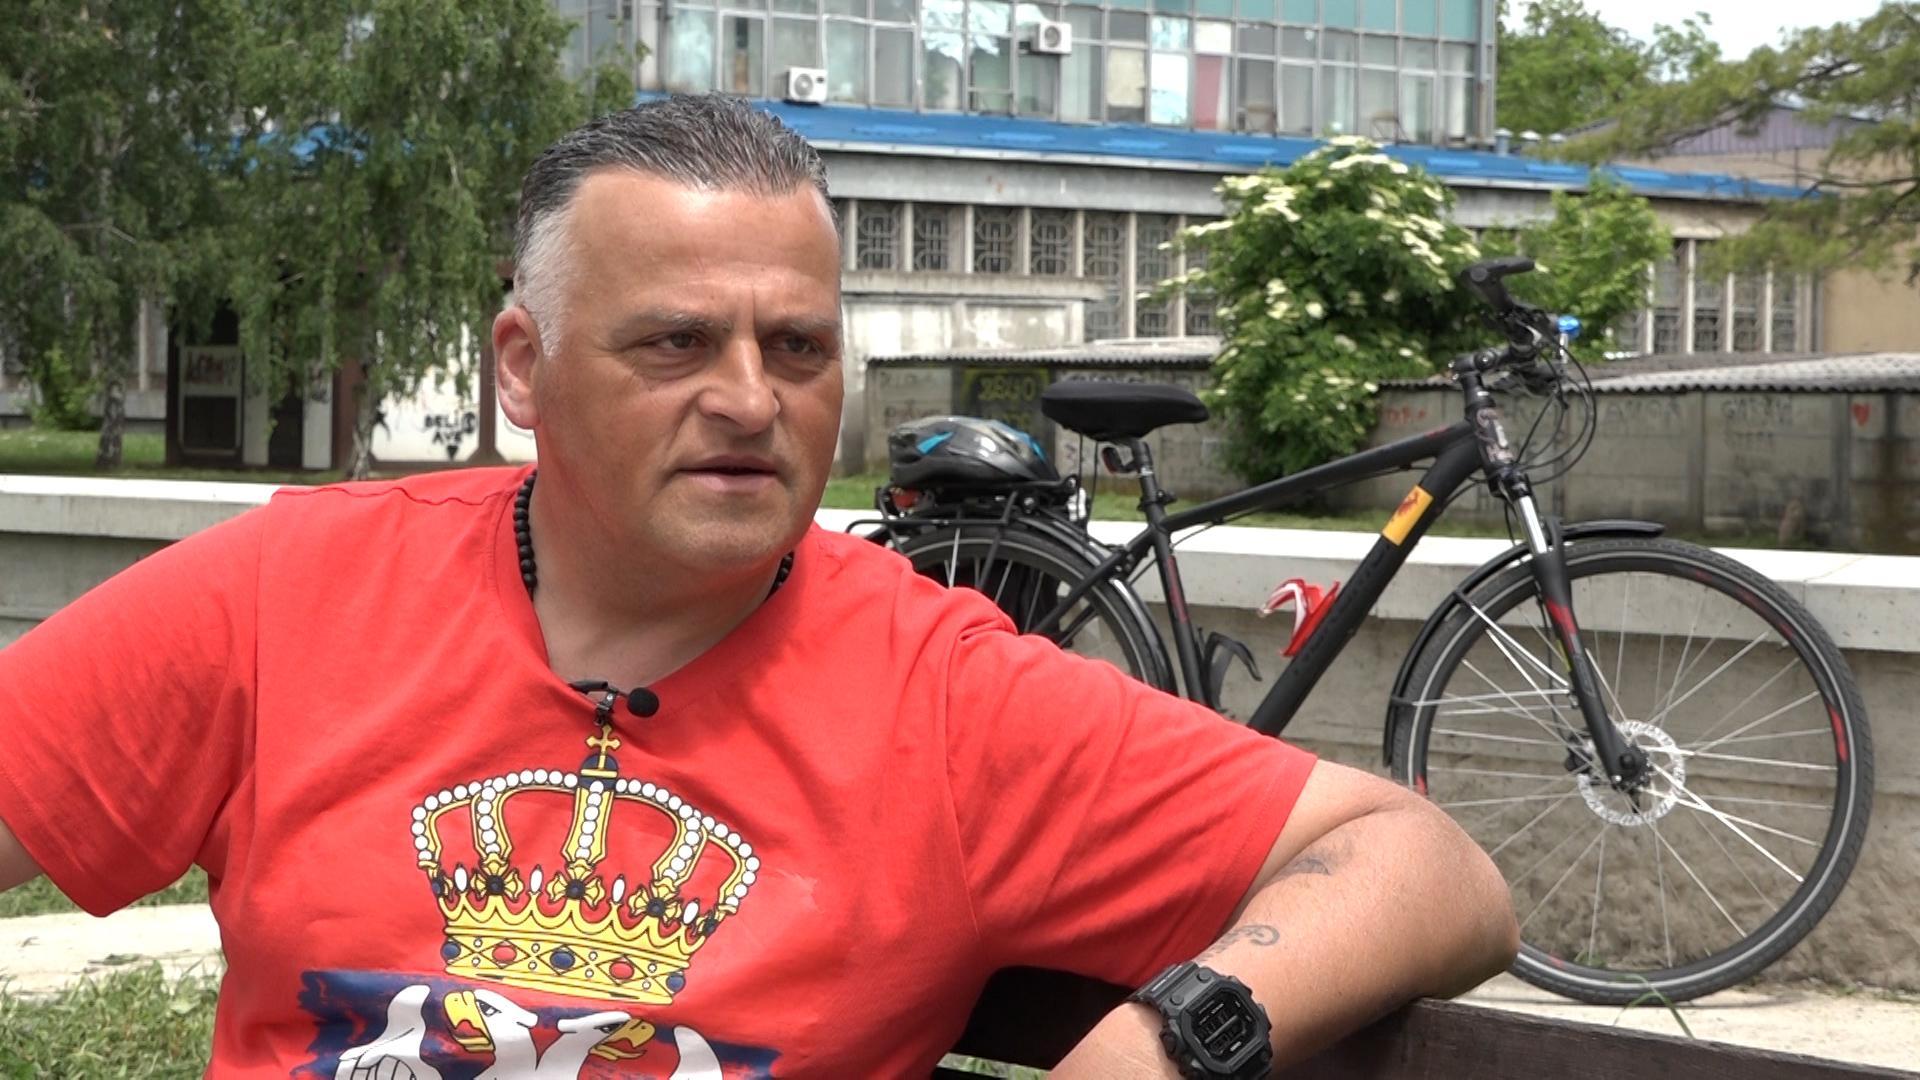 Utisci Zlatka Jovanovića sa putovanja biciklom do Severne Makedonije